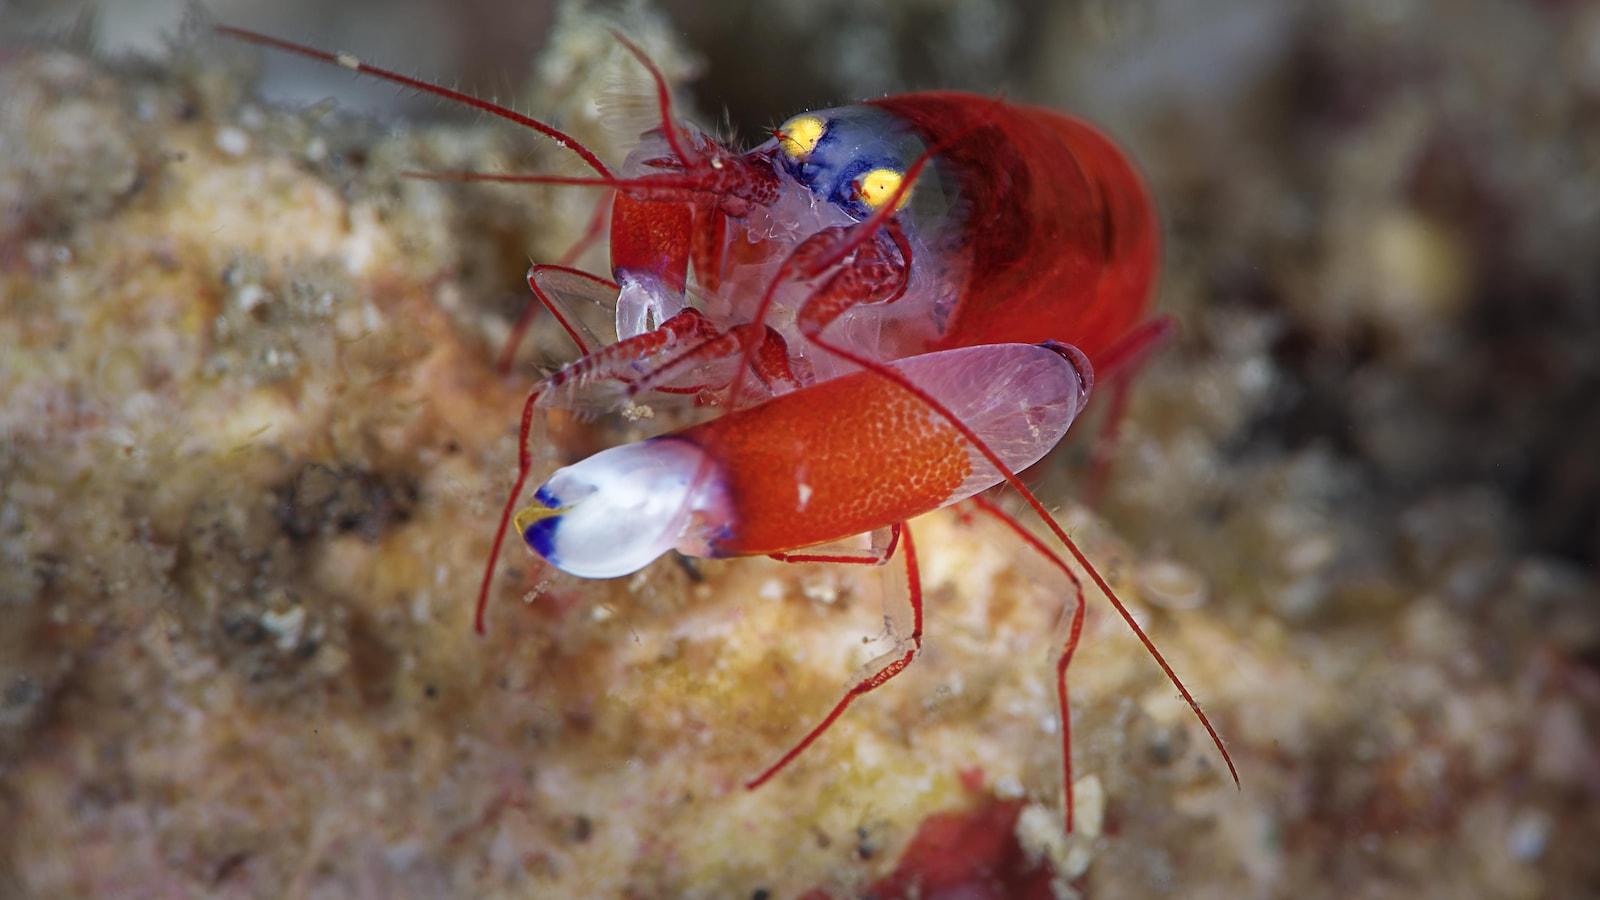 Une crevettes très colorée vue de près.